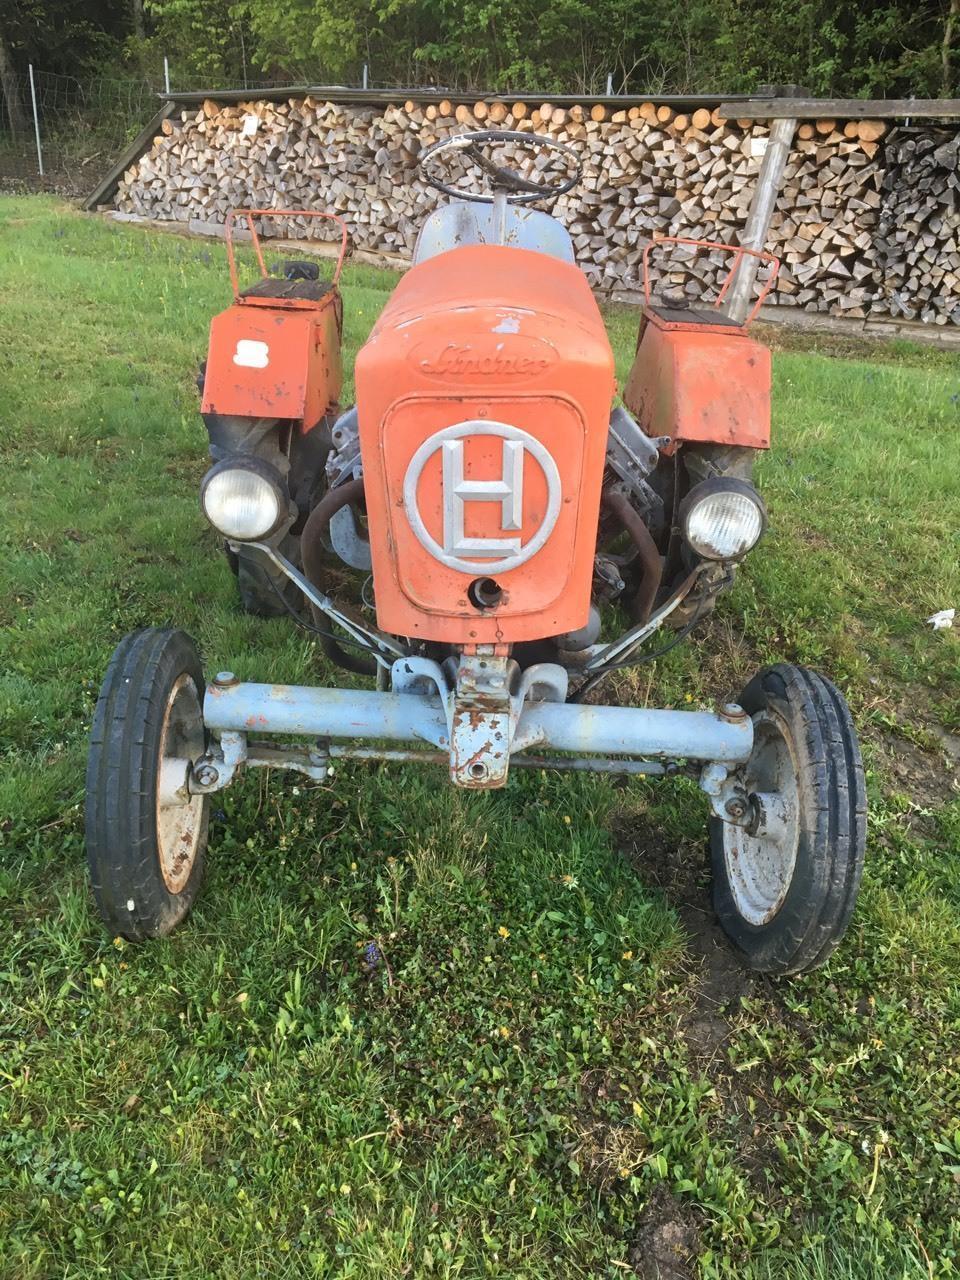 Gebrauchte traktoren aus burgenland for Gebrauchte kleinmobel